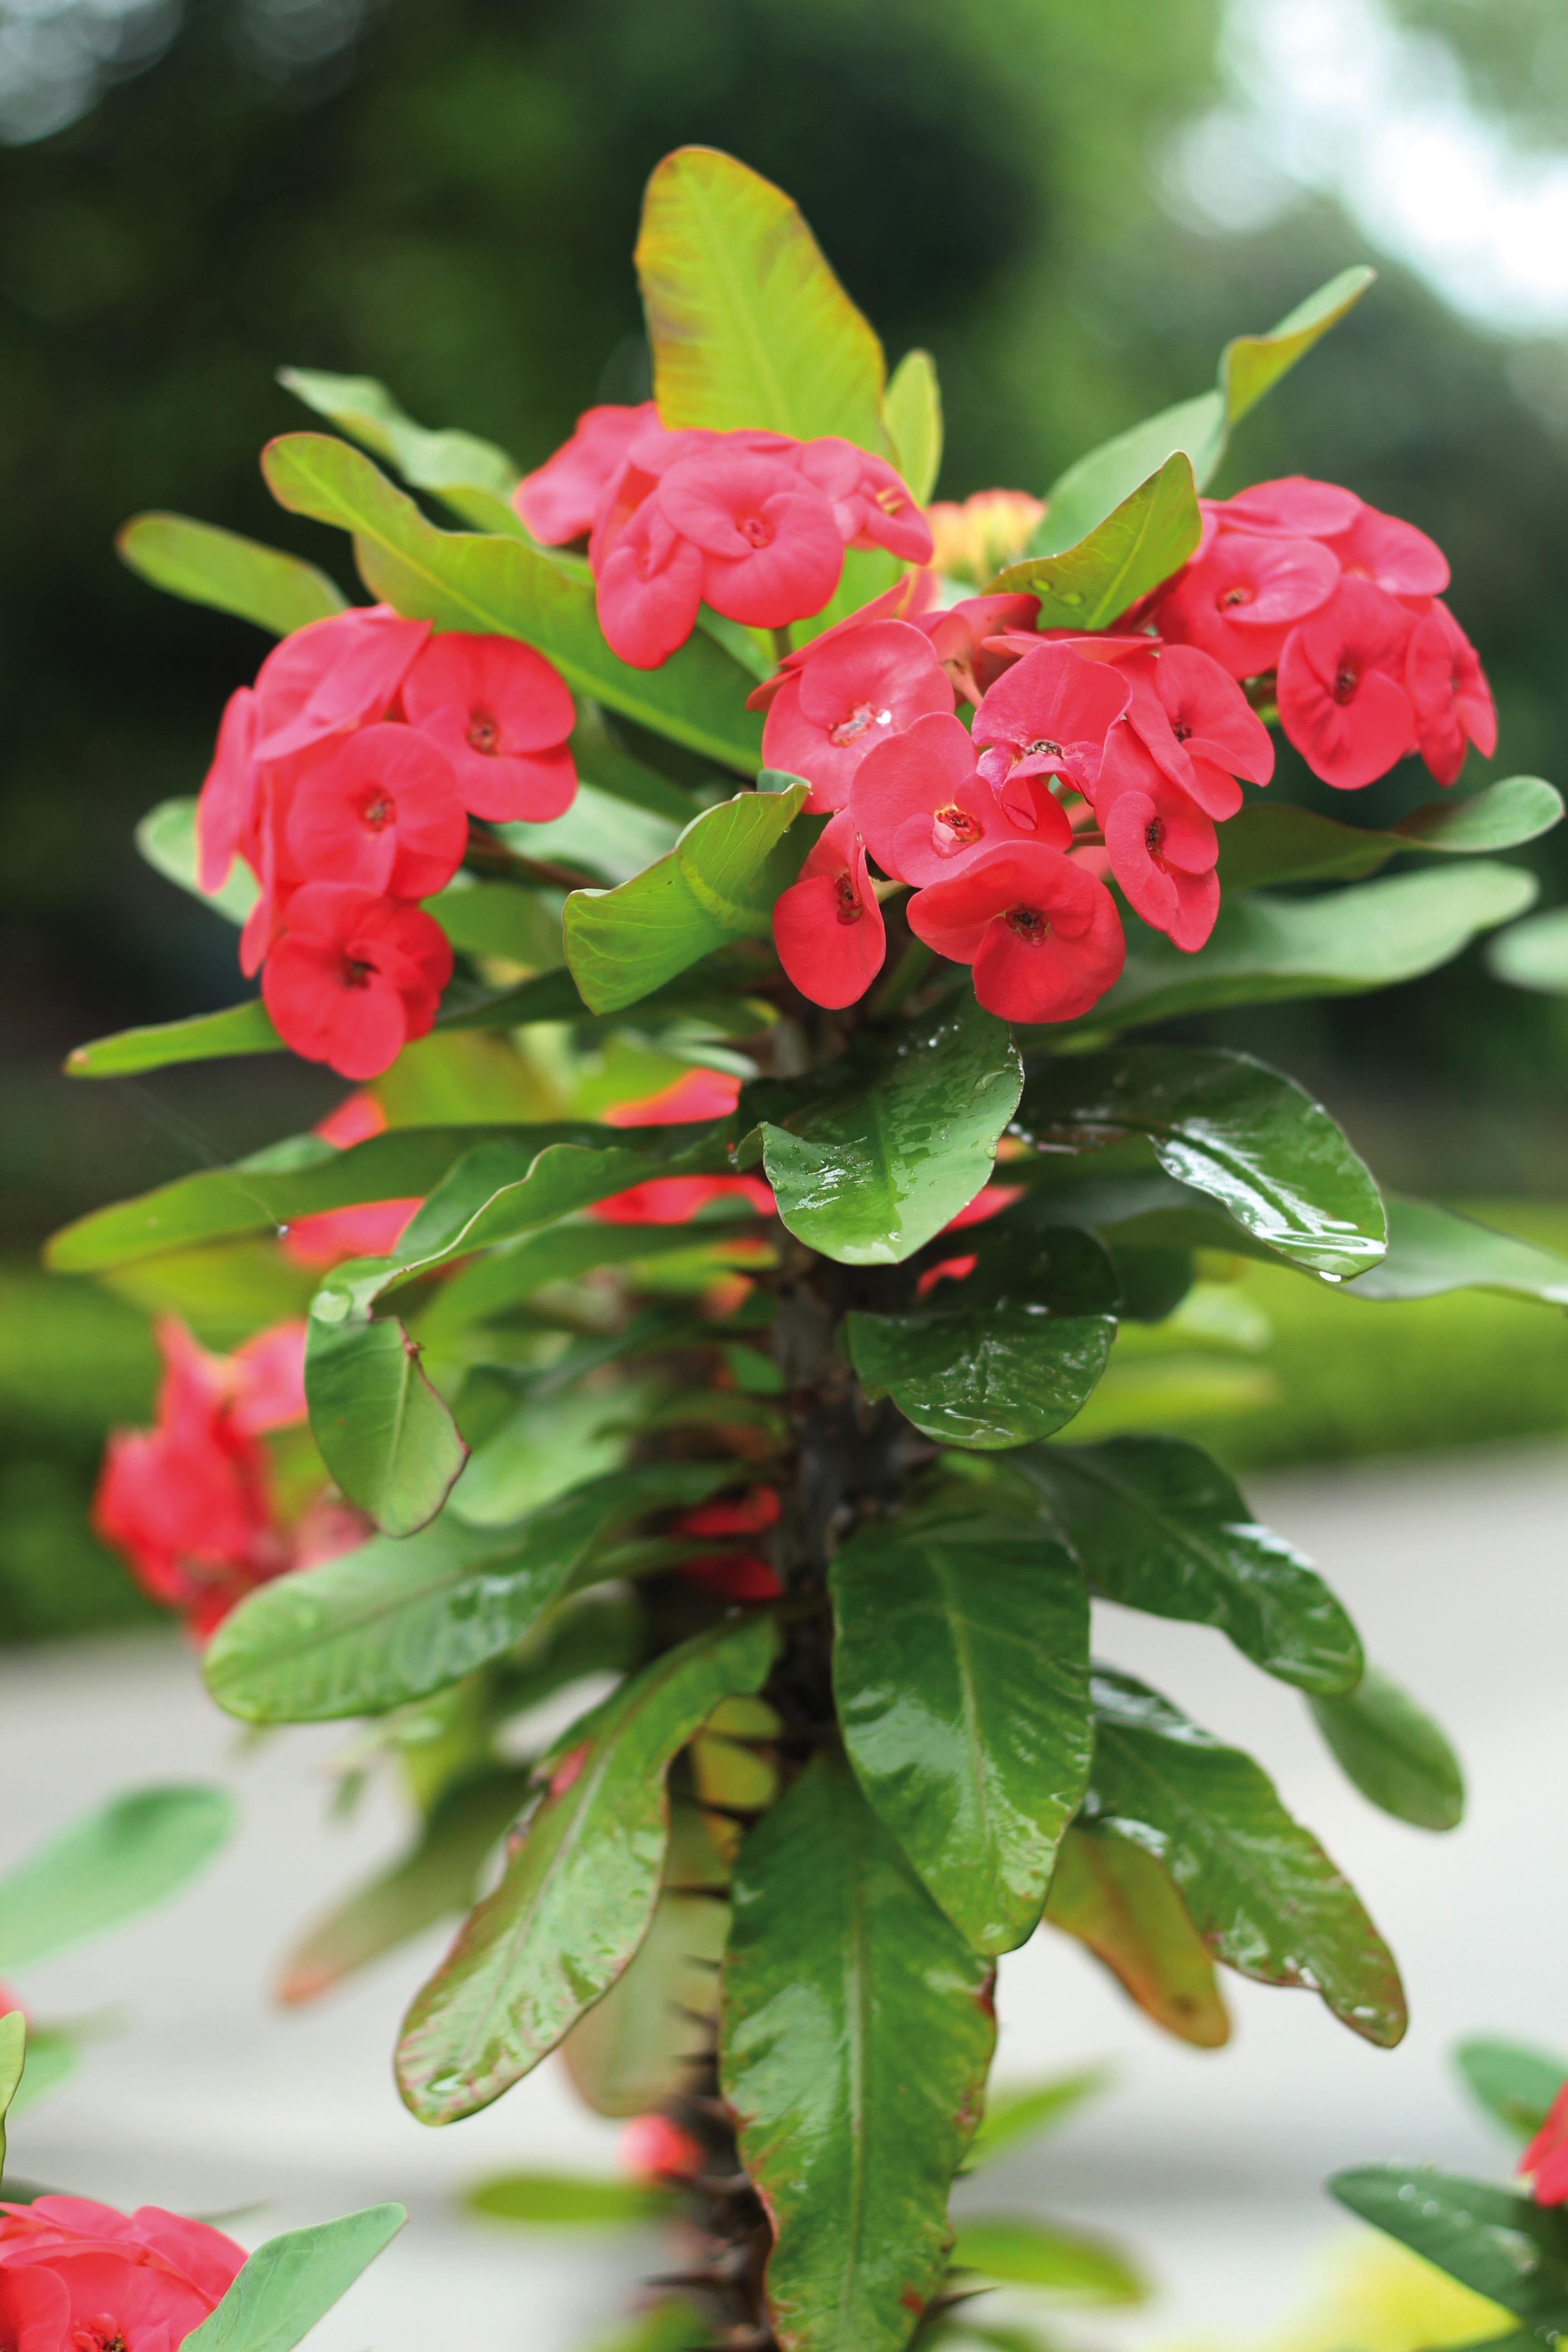 Fiori E Piante.Euphorbia Milii Euphorbia Milii Fiori E Piante